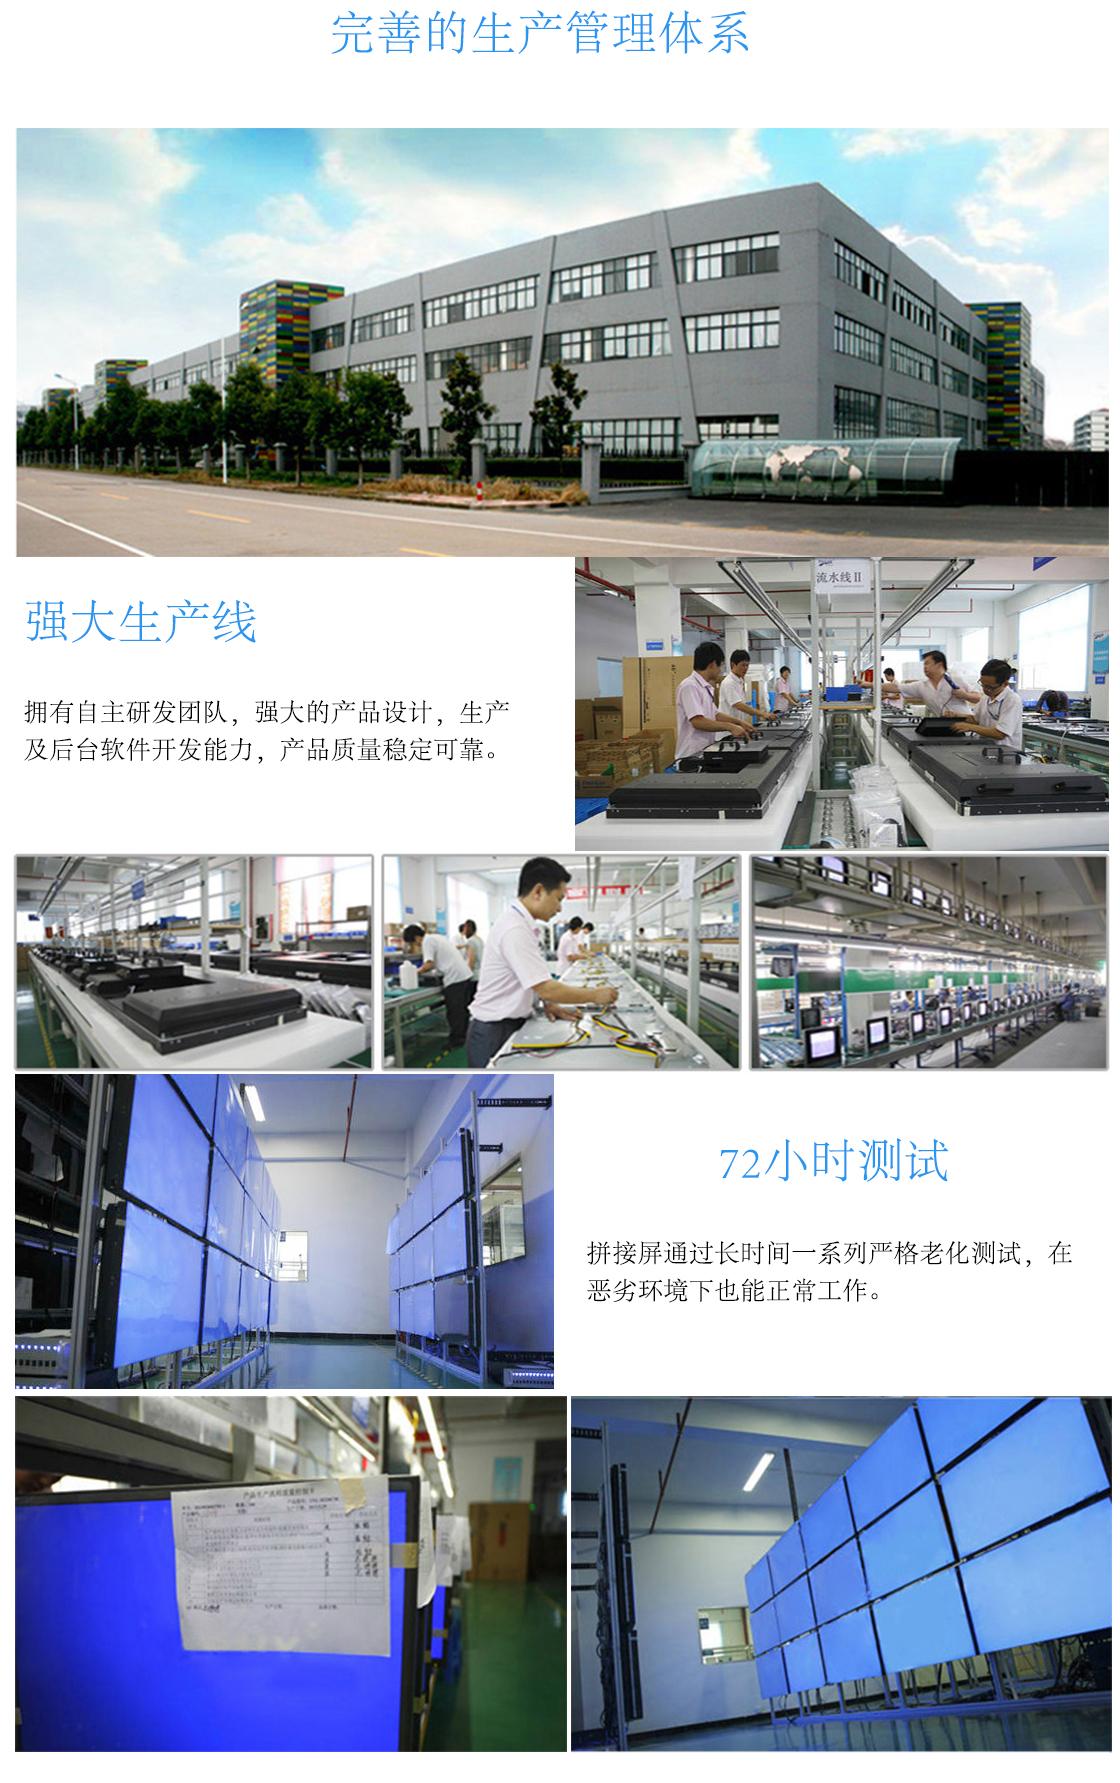 液晶拼接屏完善的生产管理体系